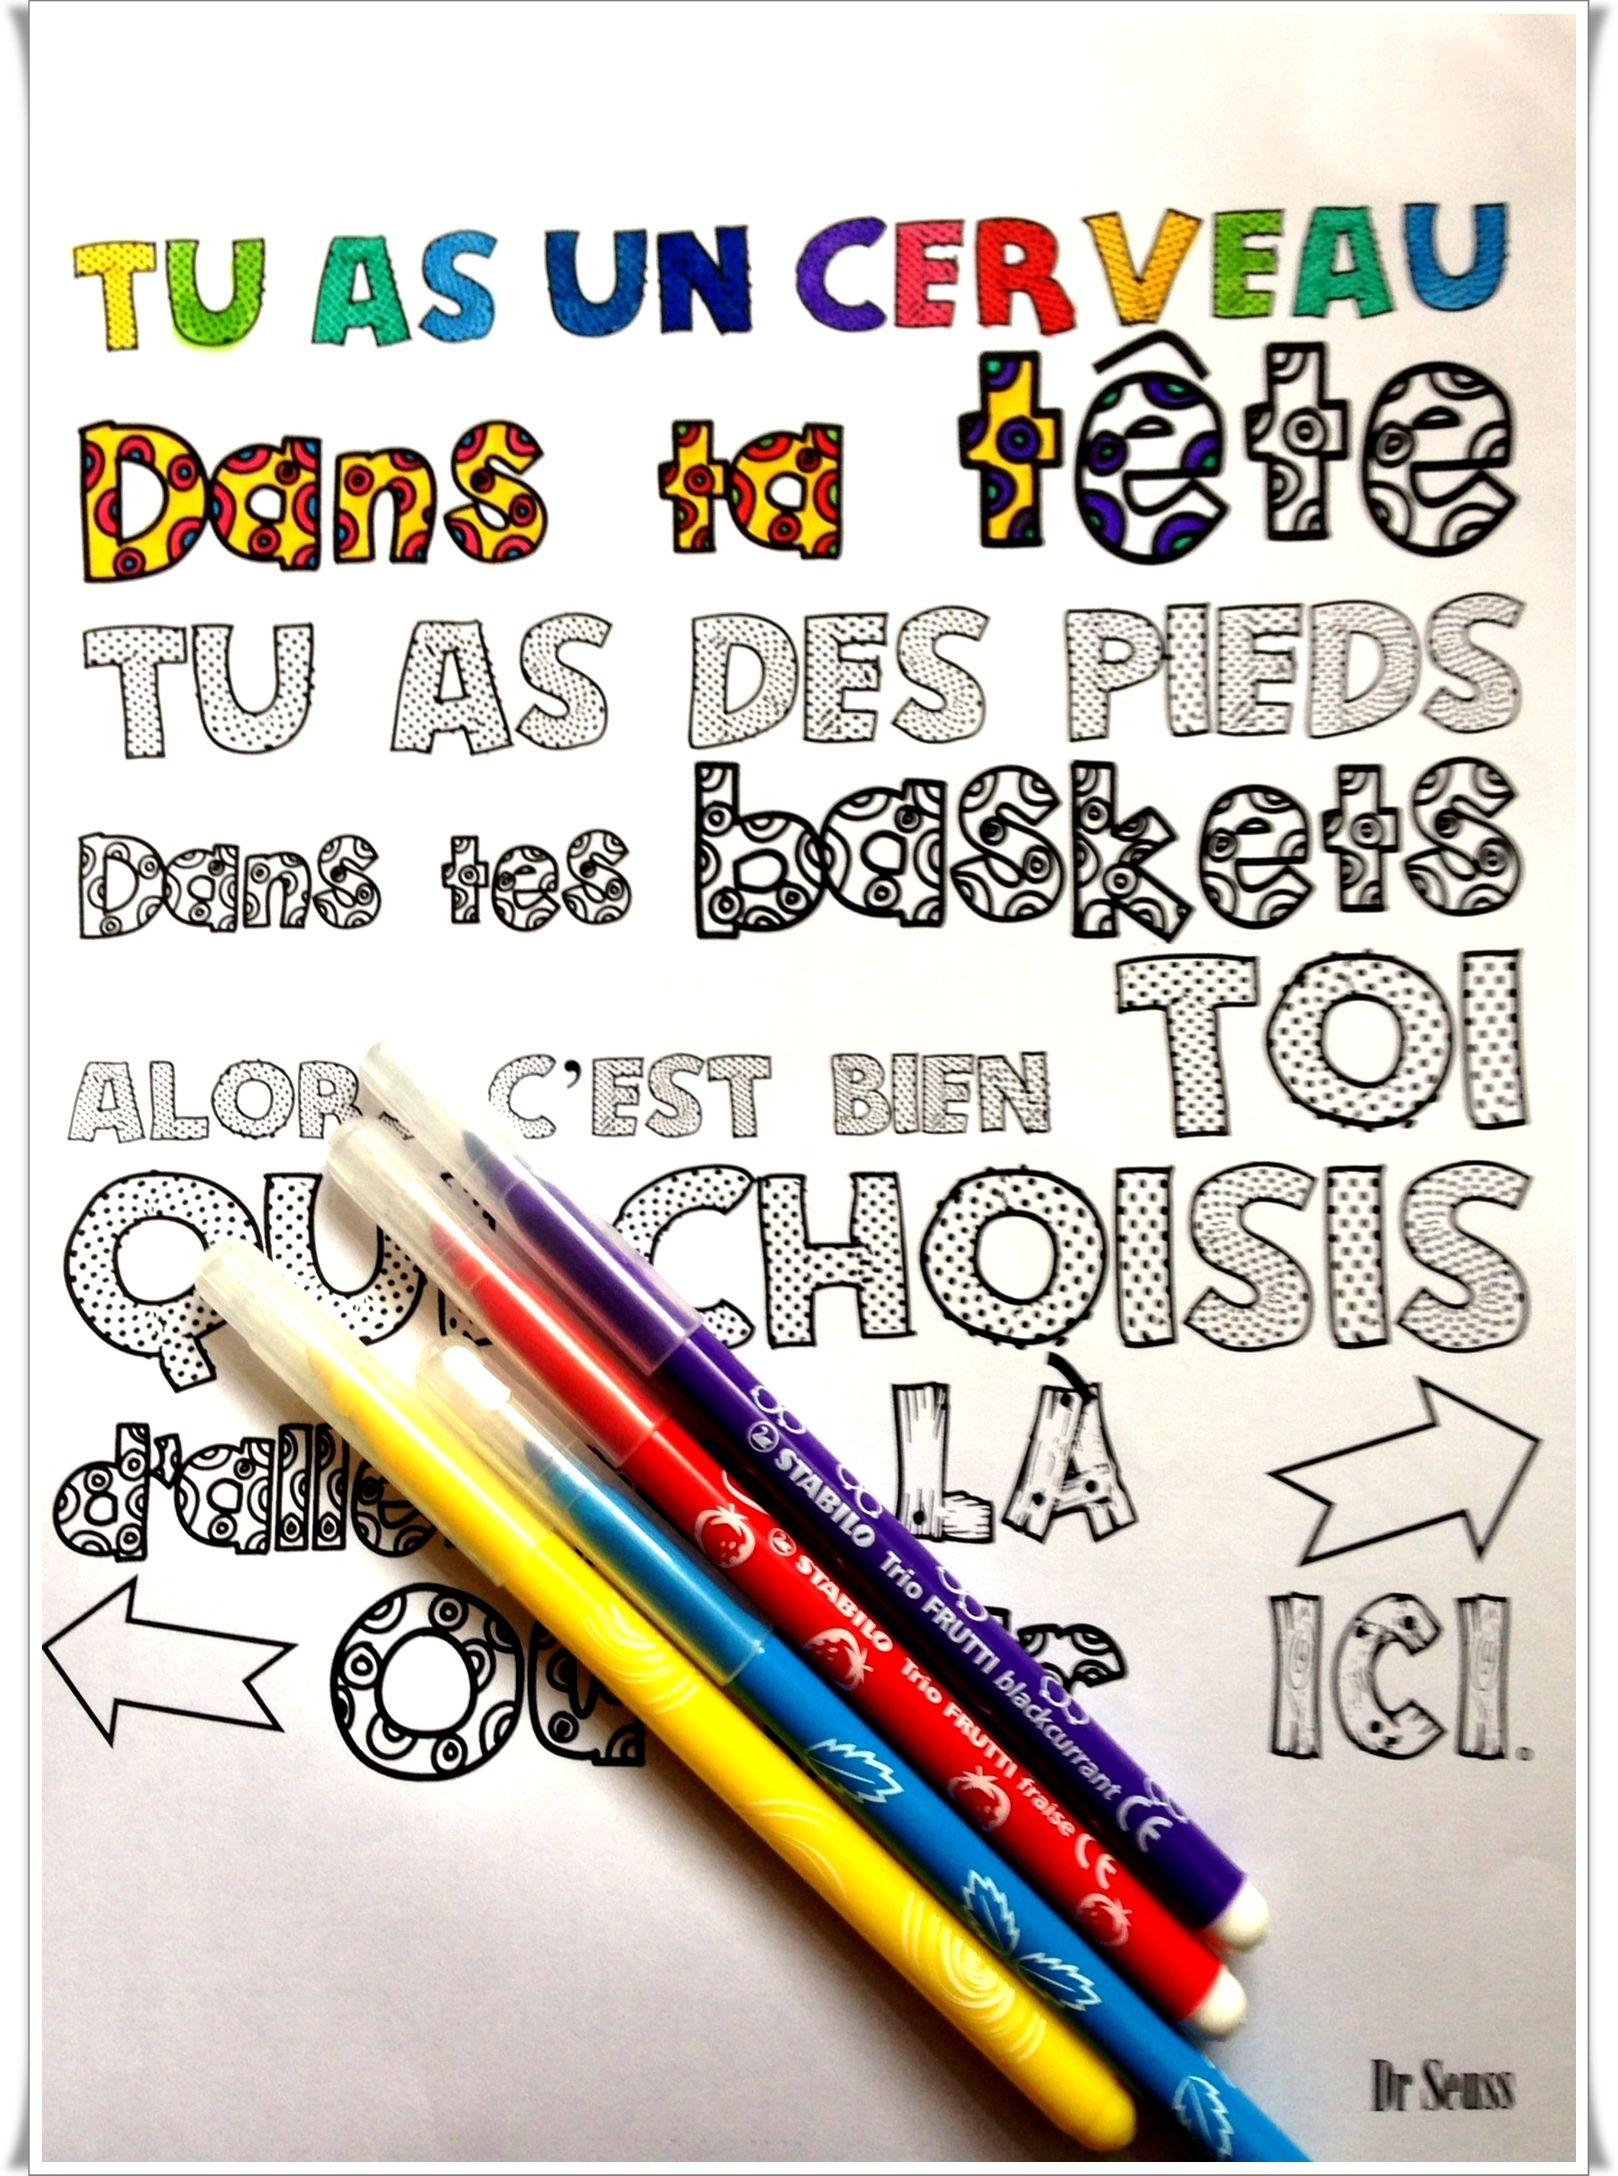 Pour décorer la classe et transmettre des idées positives  nos écoliers voici une petite sélection de citations que j aime Elles sont  colorier cela